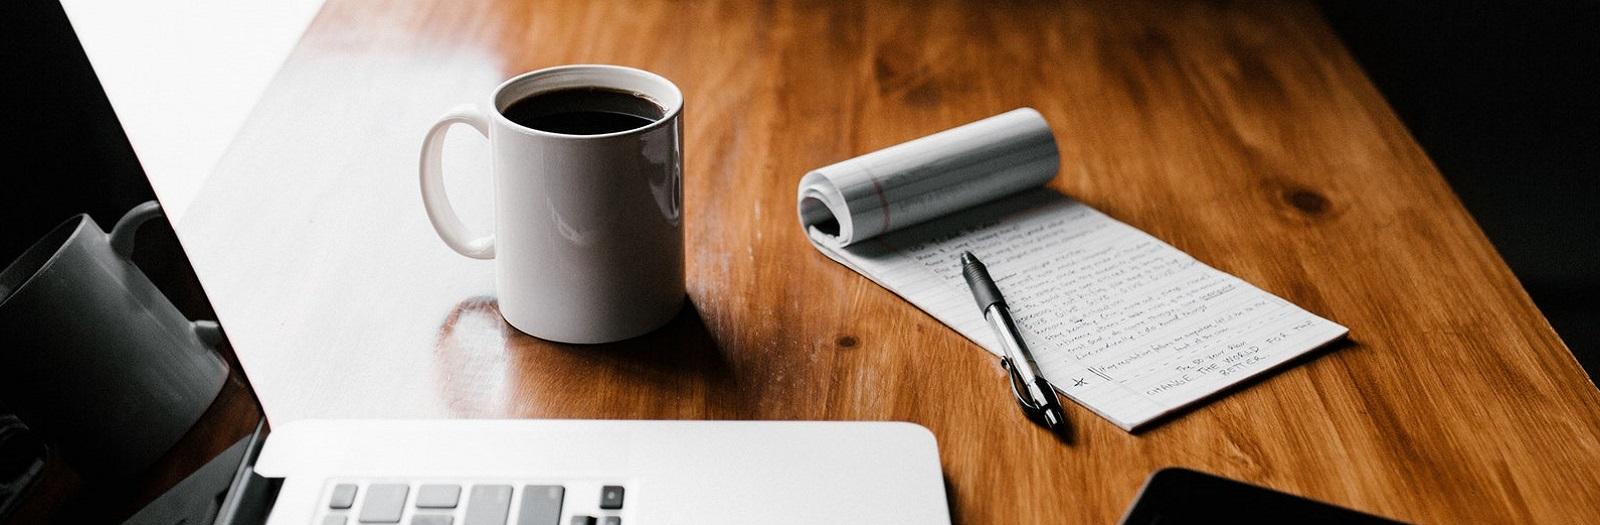 Minder deeltijders die meer uren willen werken